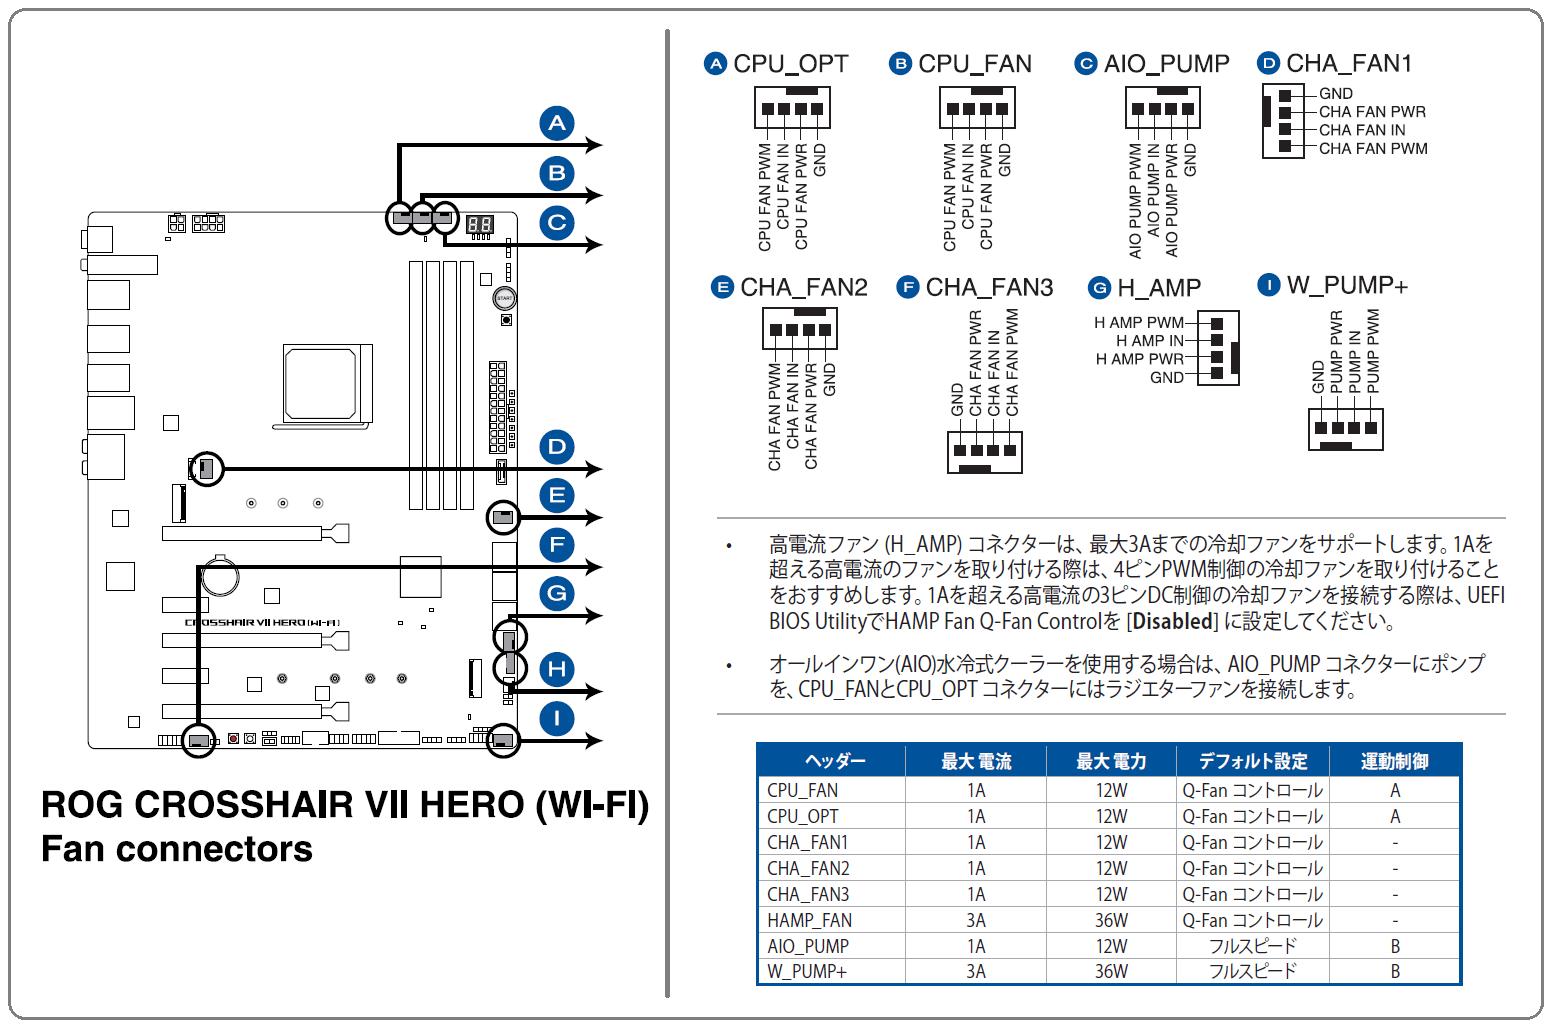 ASUS ROG CROSSHAIR VII HERO (Wi-Fi)_Fan